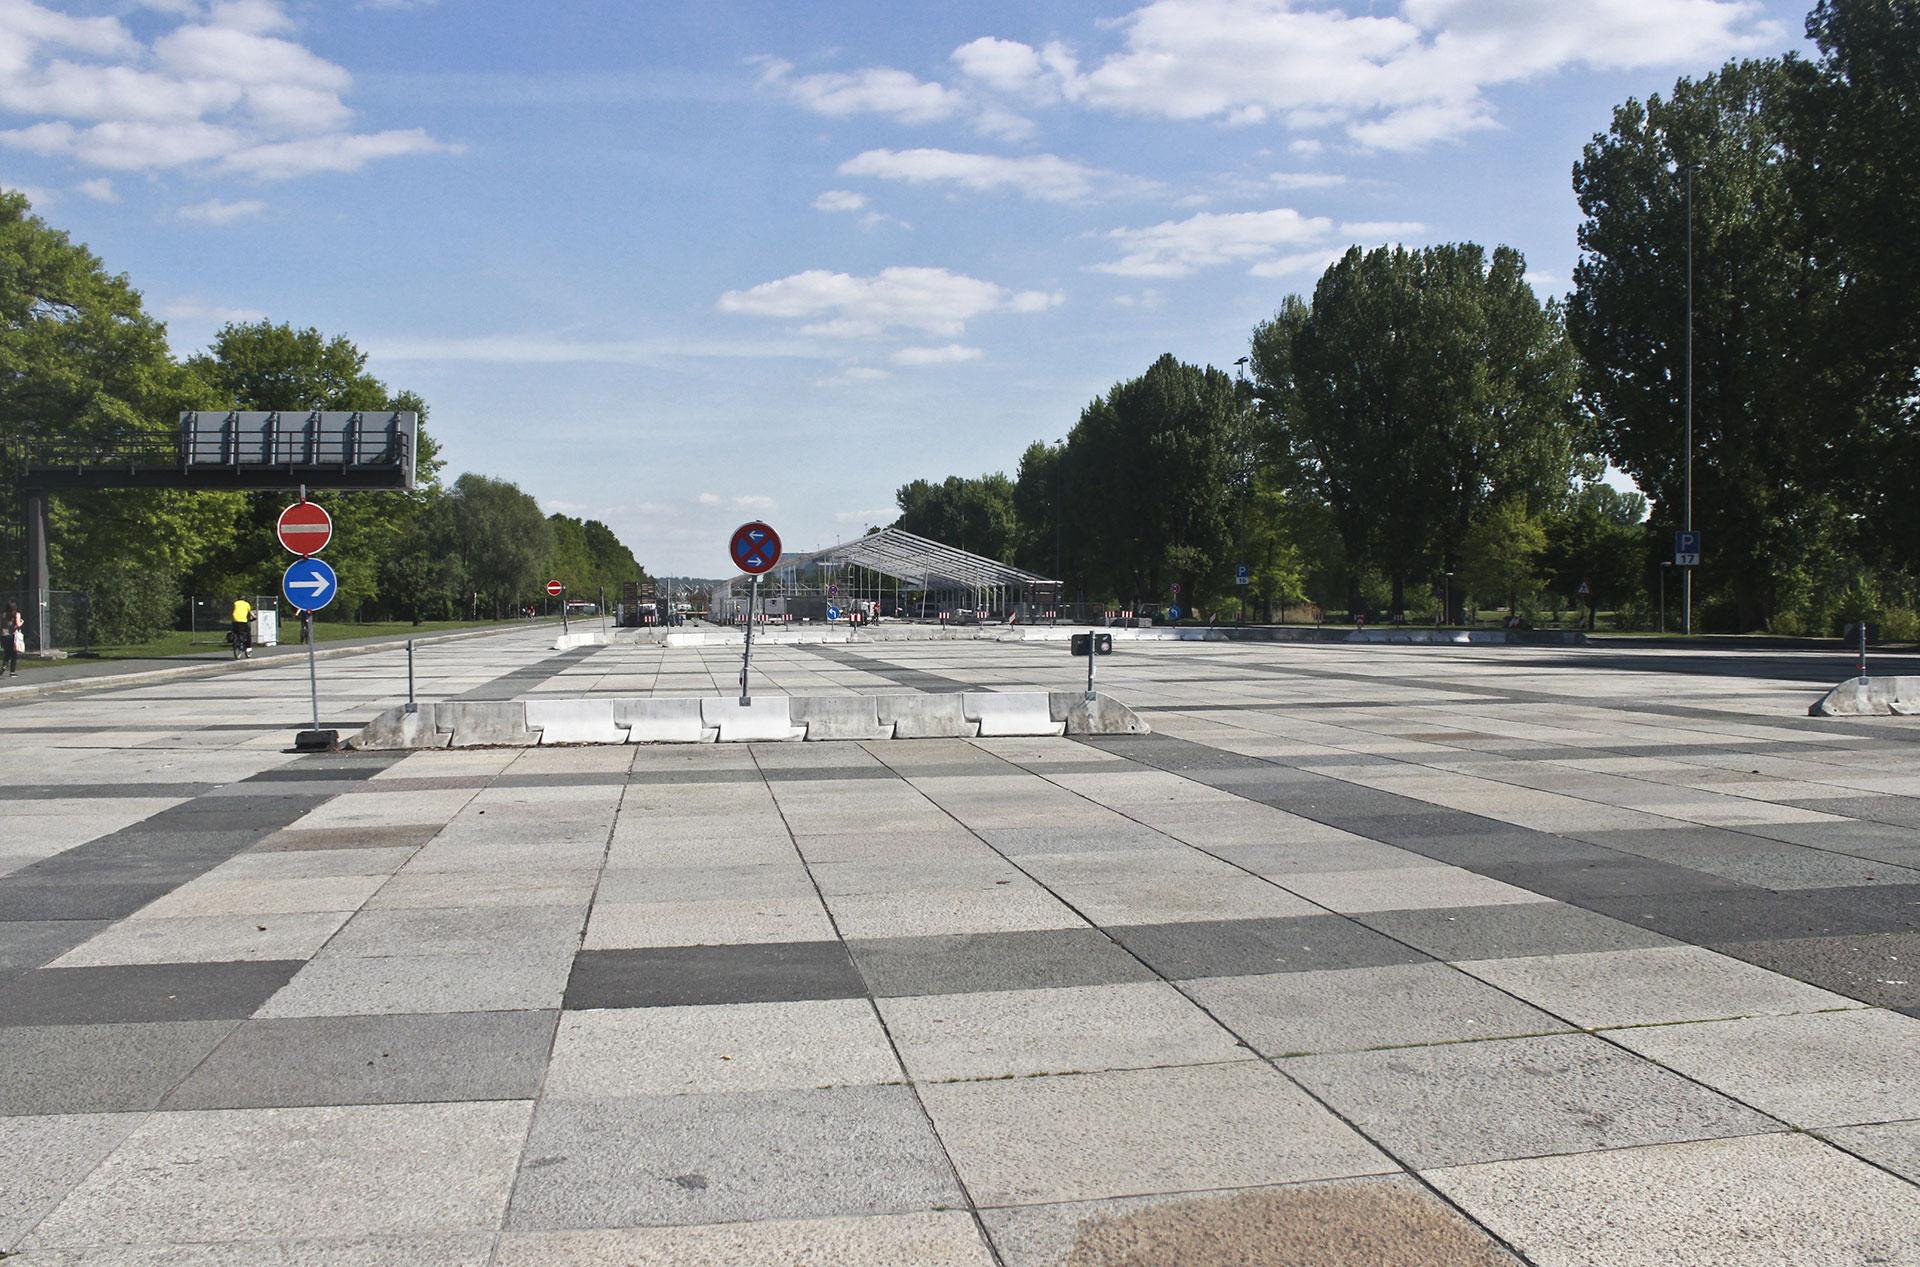 Gran Calle, con espacios demarcados para estacionamiento e instalaciones para el Festival de Primavera (Volksfest)